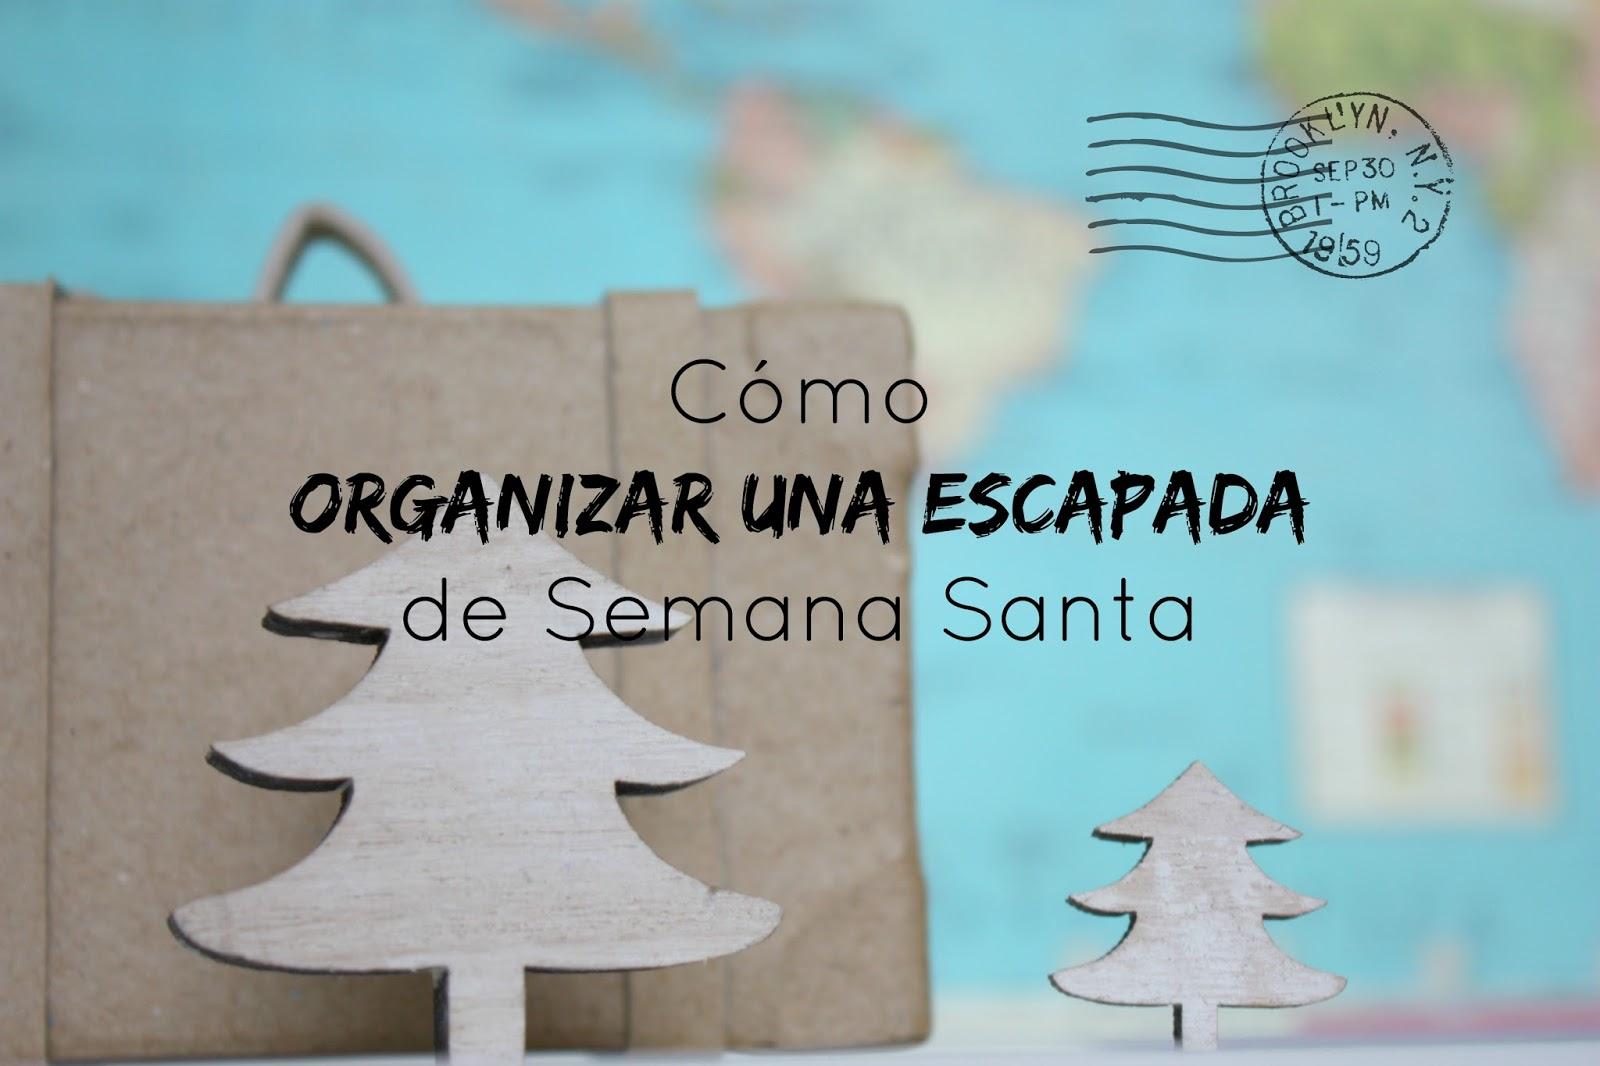 http://mediasytintas.blogspot.com/2015/03/como-organizar-una-escapada-de-semana.html